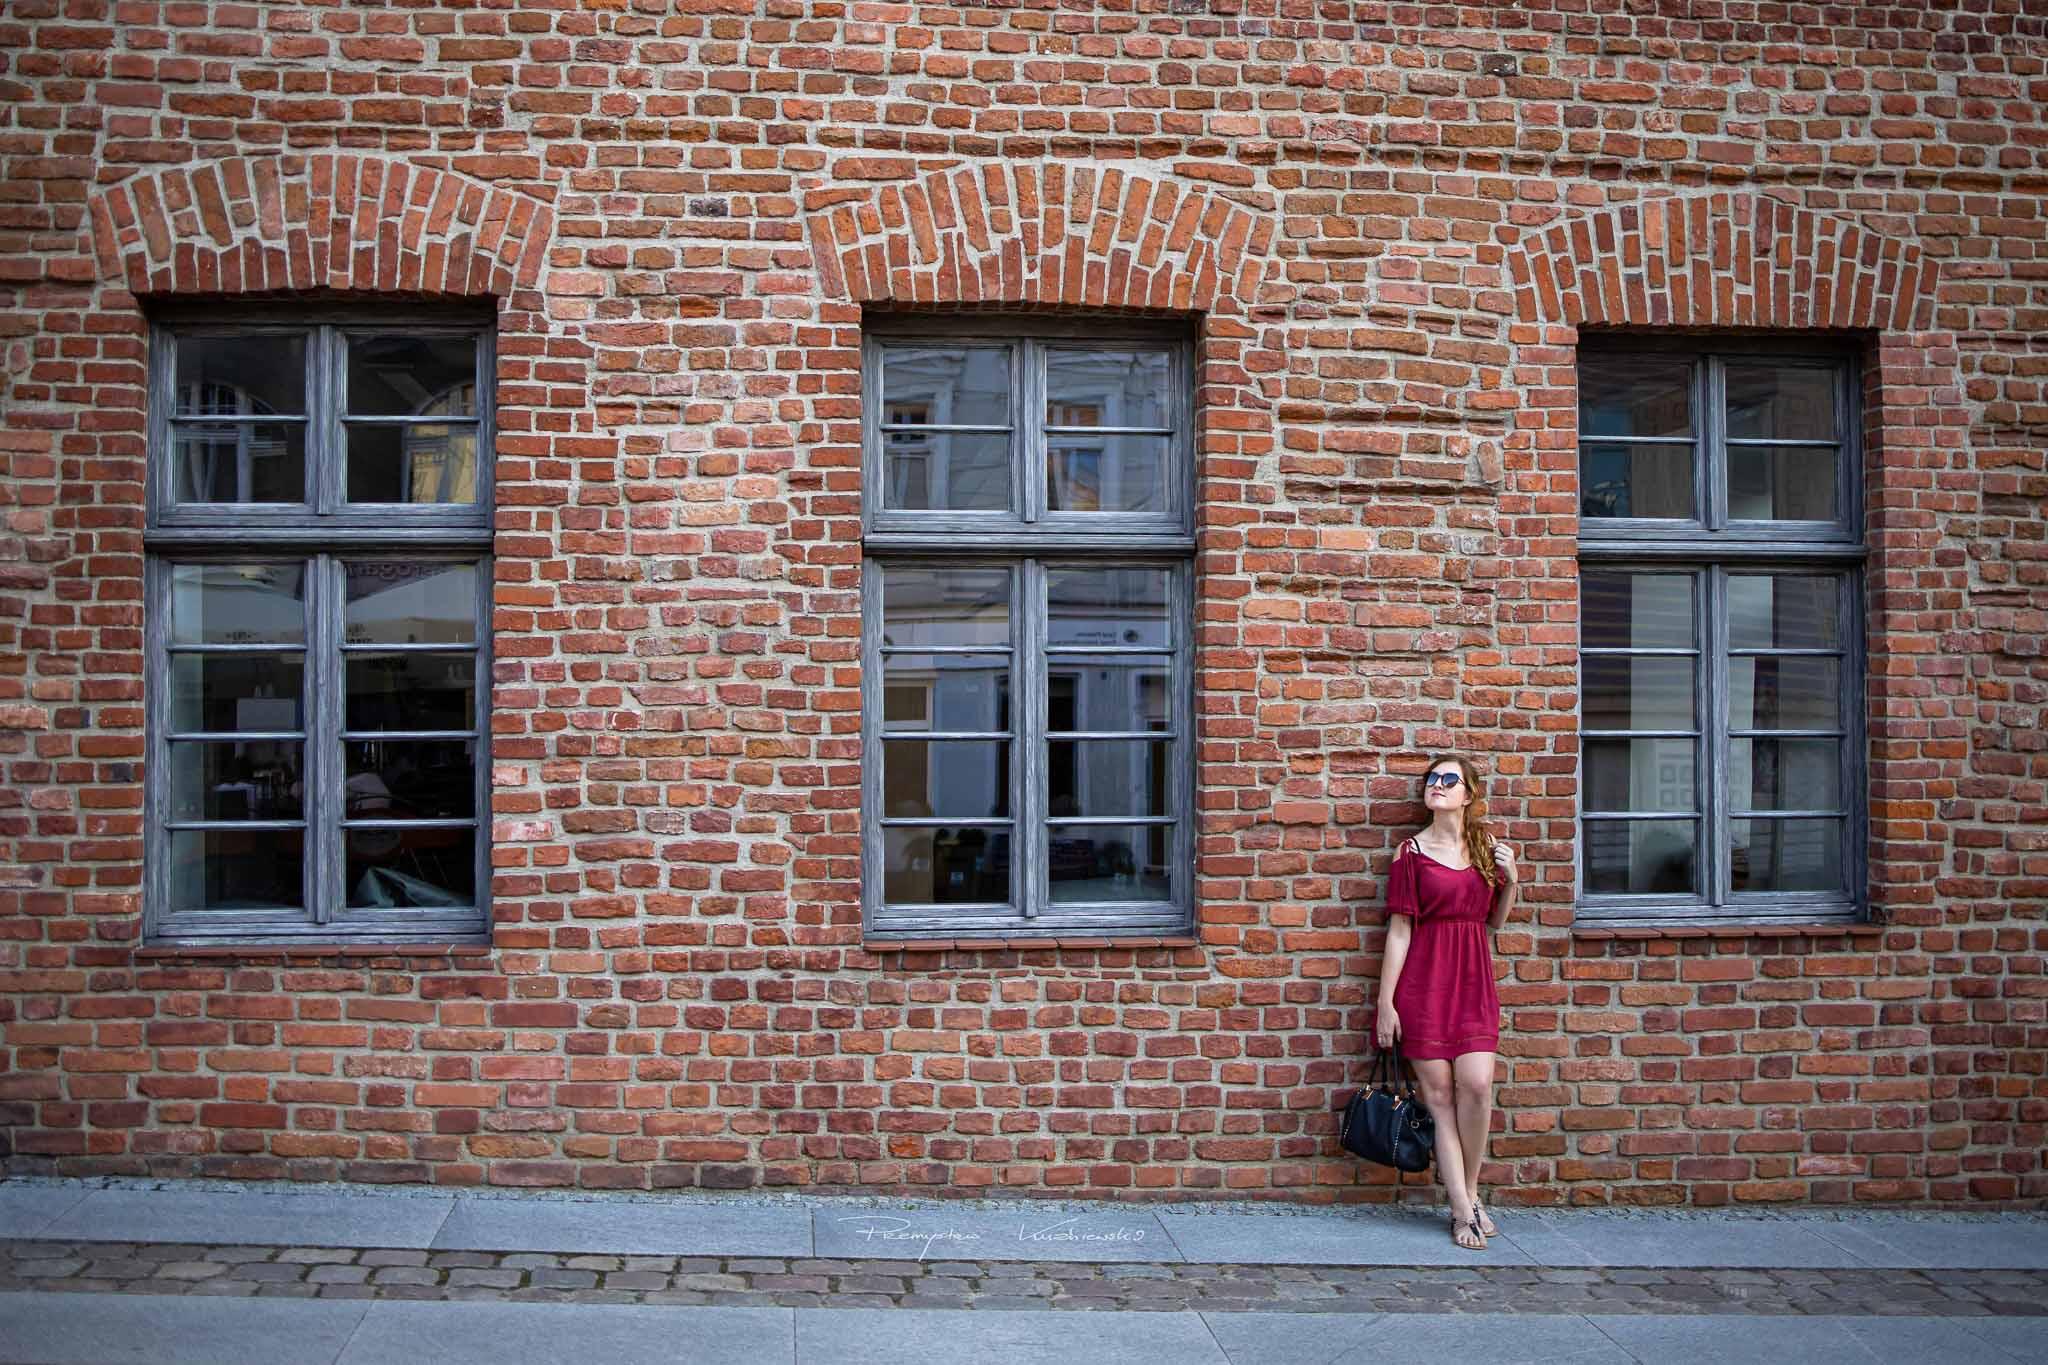 Ewelina Stare Miasto Olsztyn empiriafoto